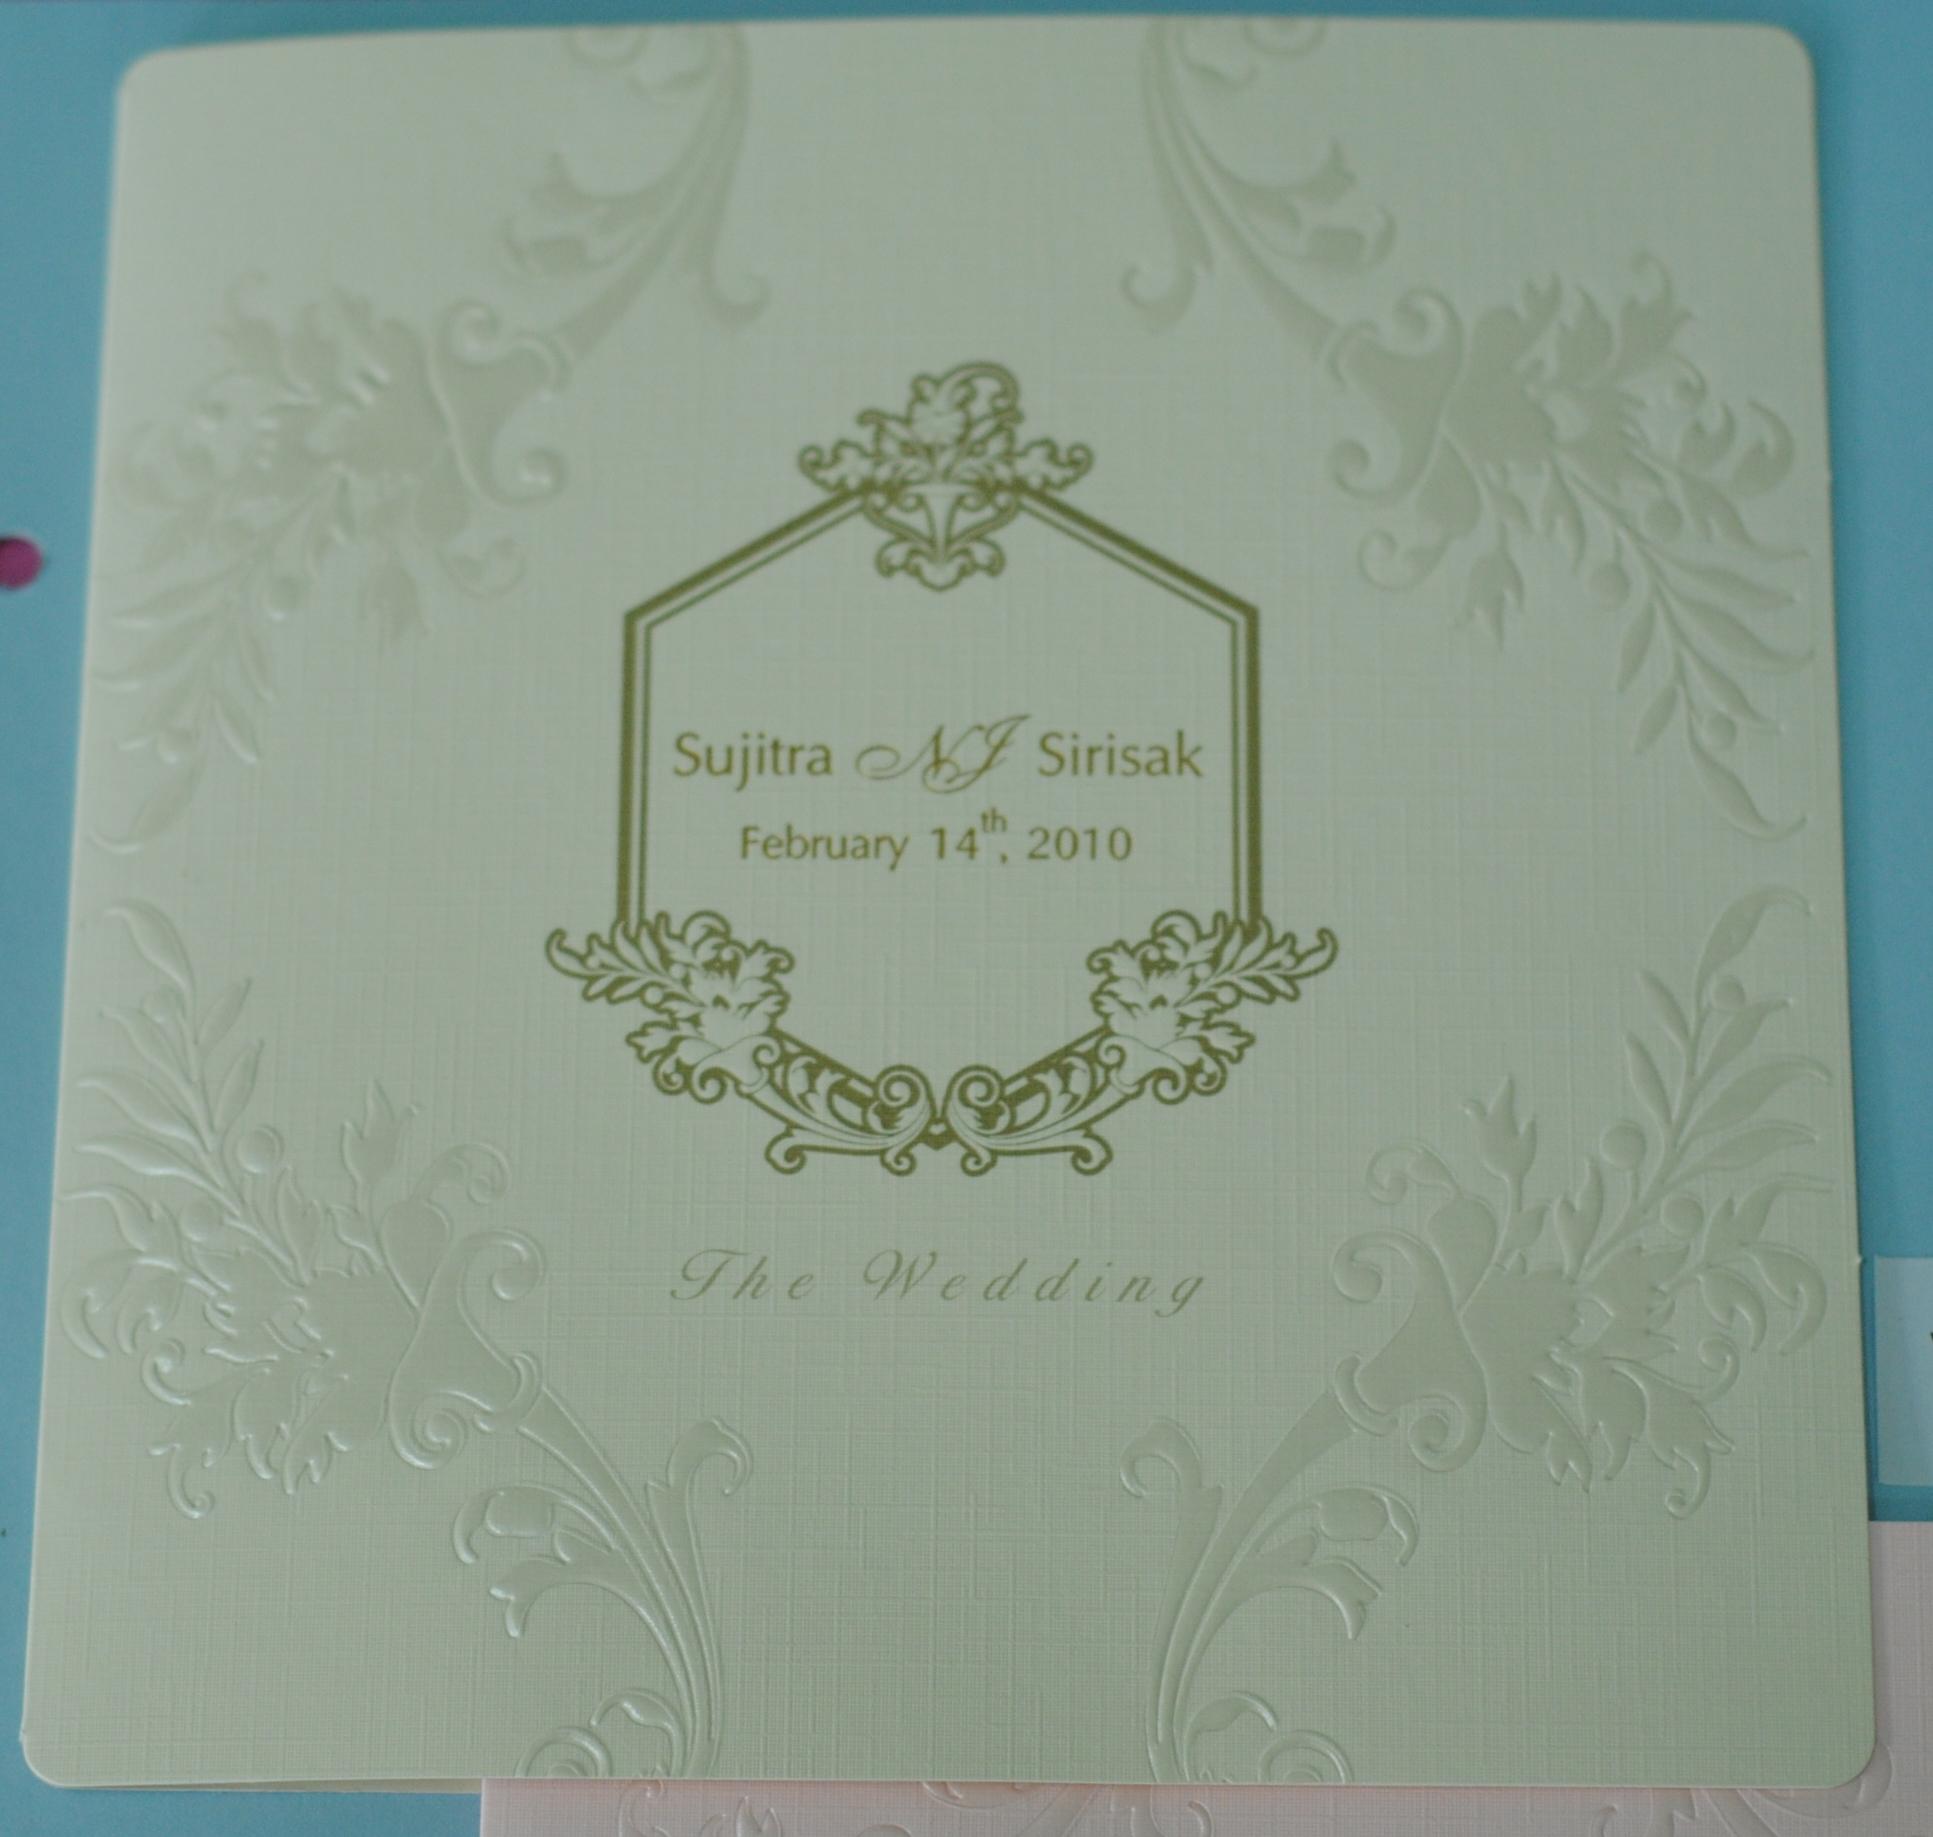 การ์ดแต่งงานสี่เหลี่ยม (มี 2 สี ครีม,ชมพู)